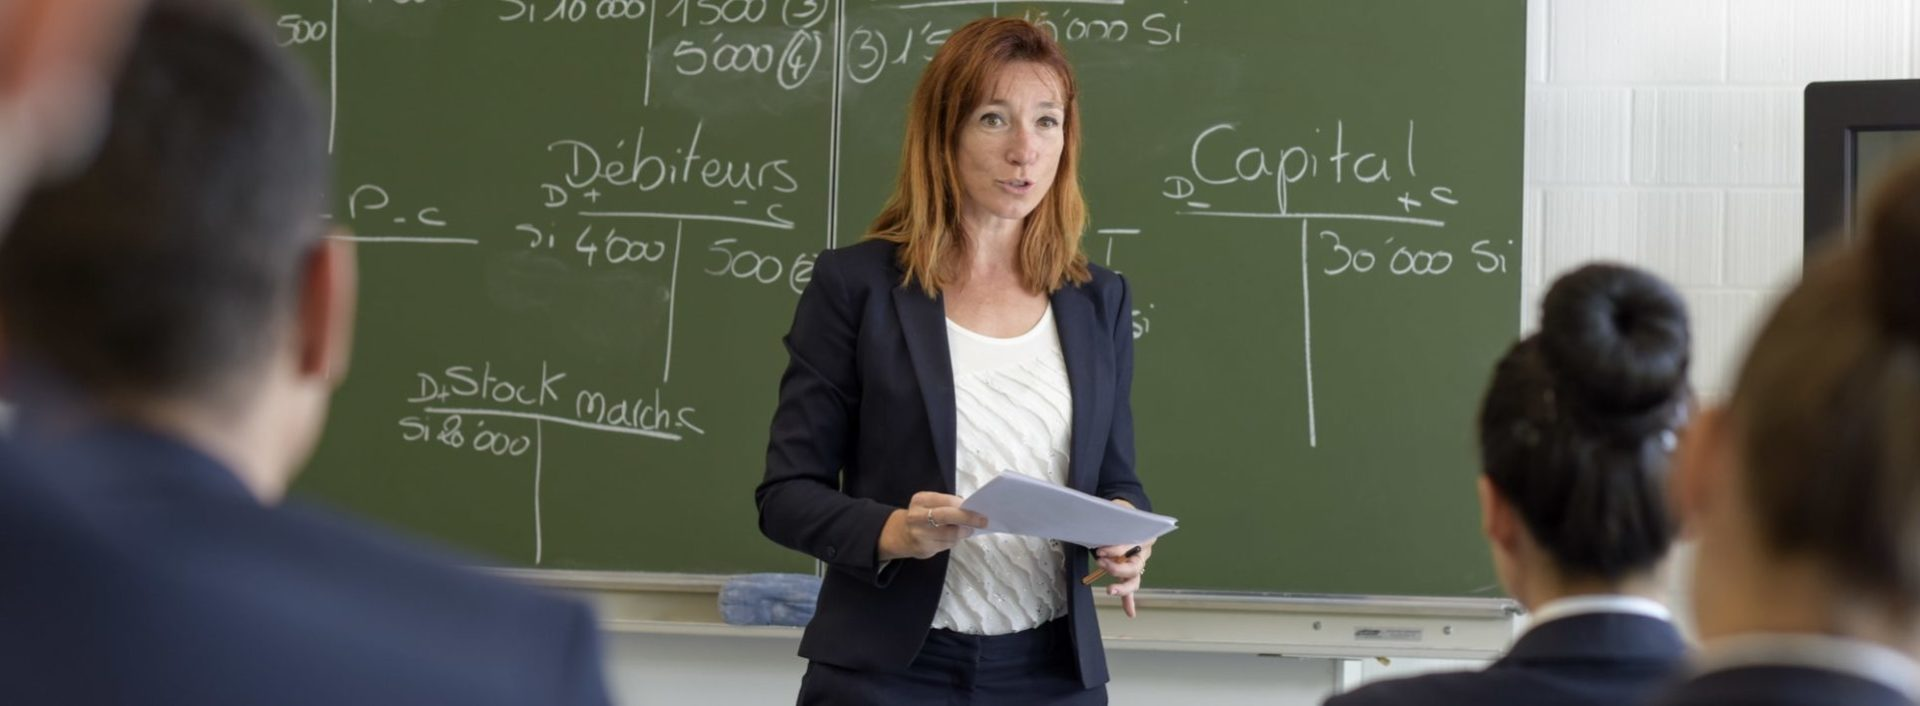 Programme de DIplome a l'Ecole Hôtelière de Genève